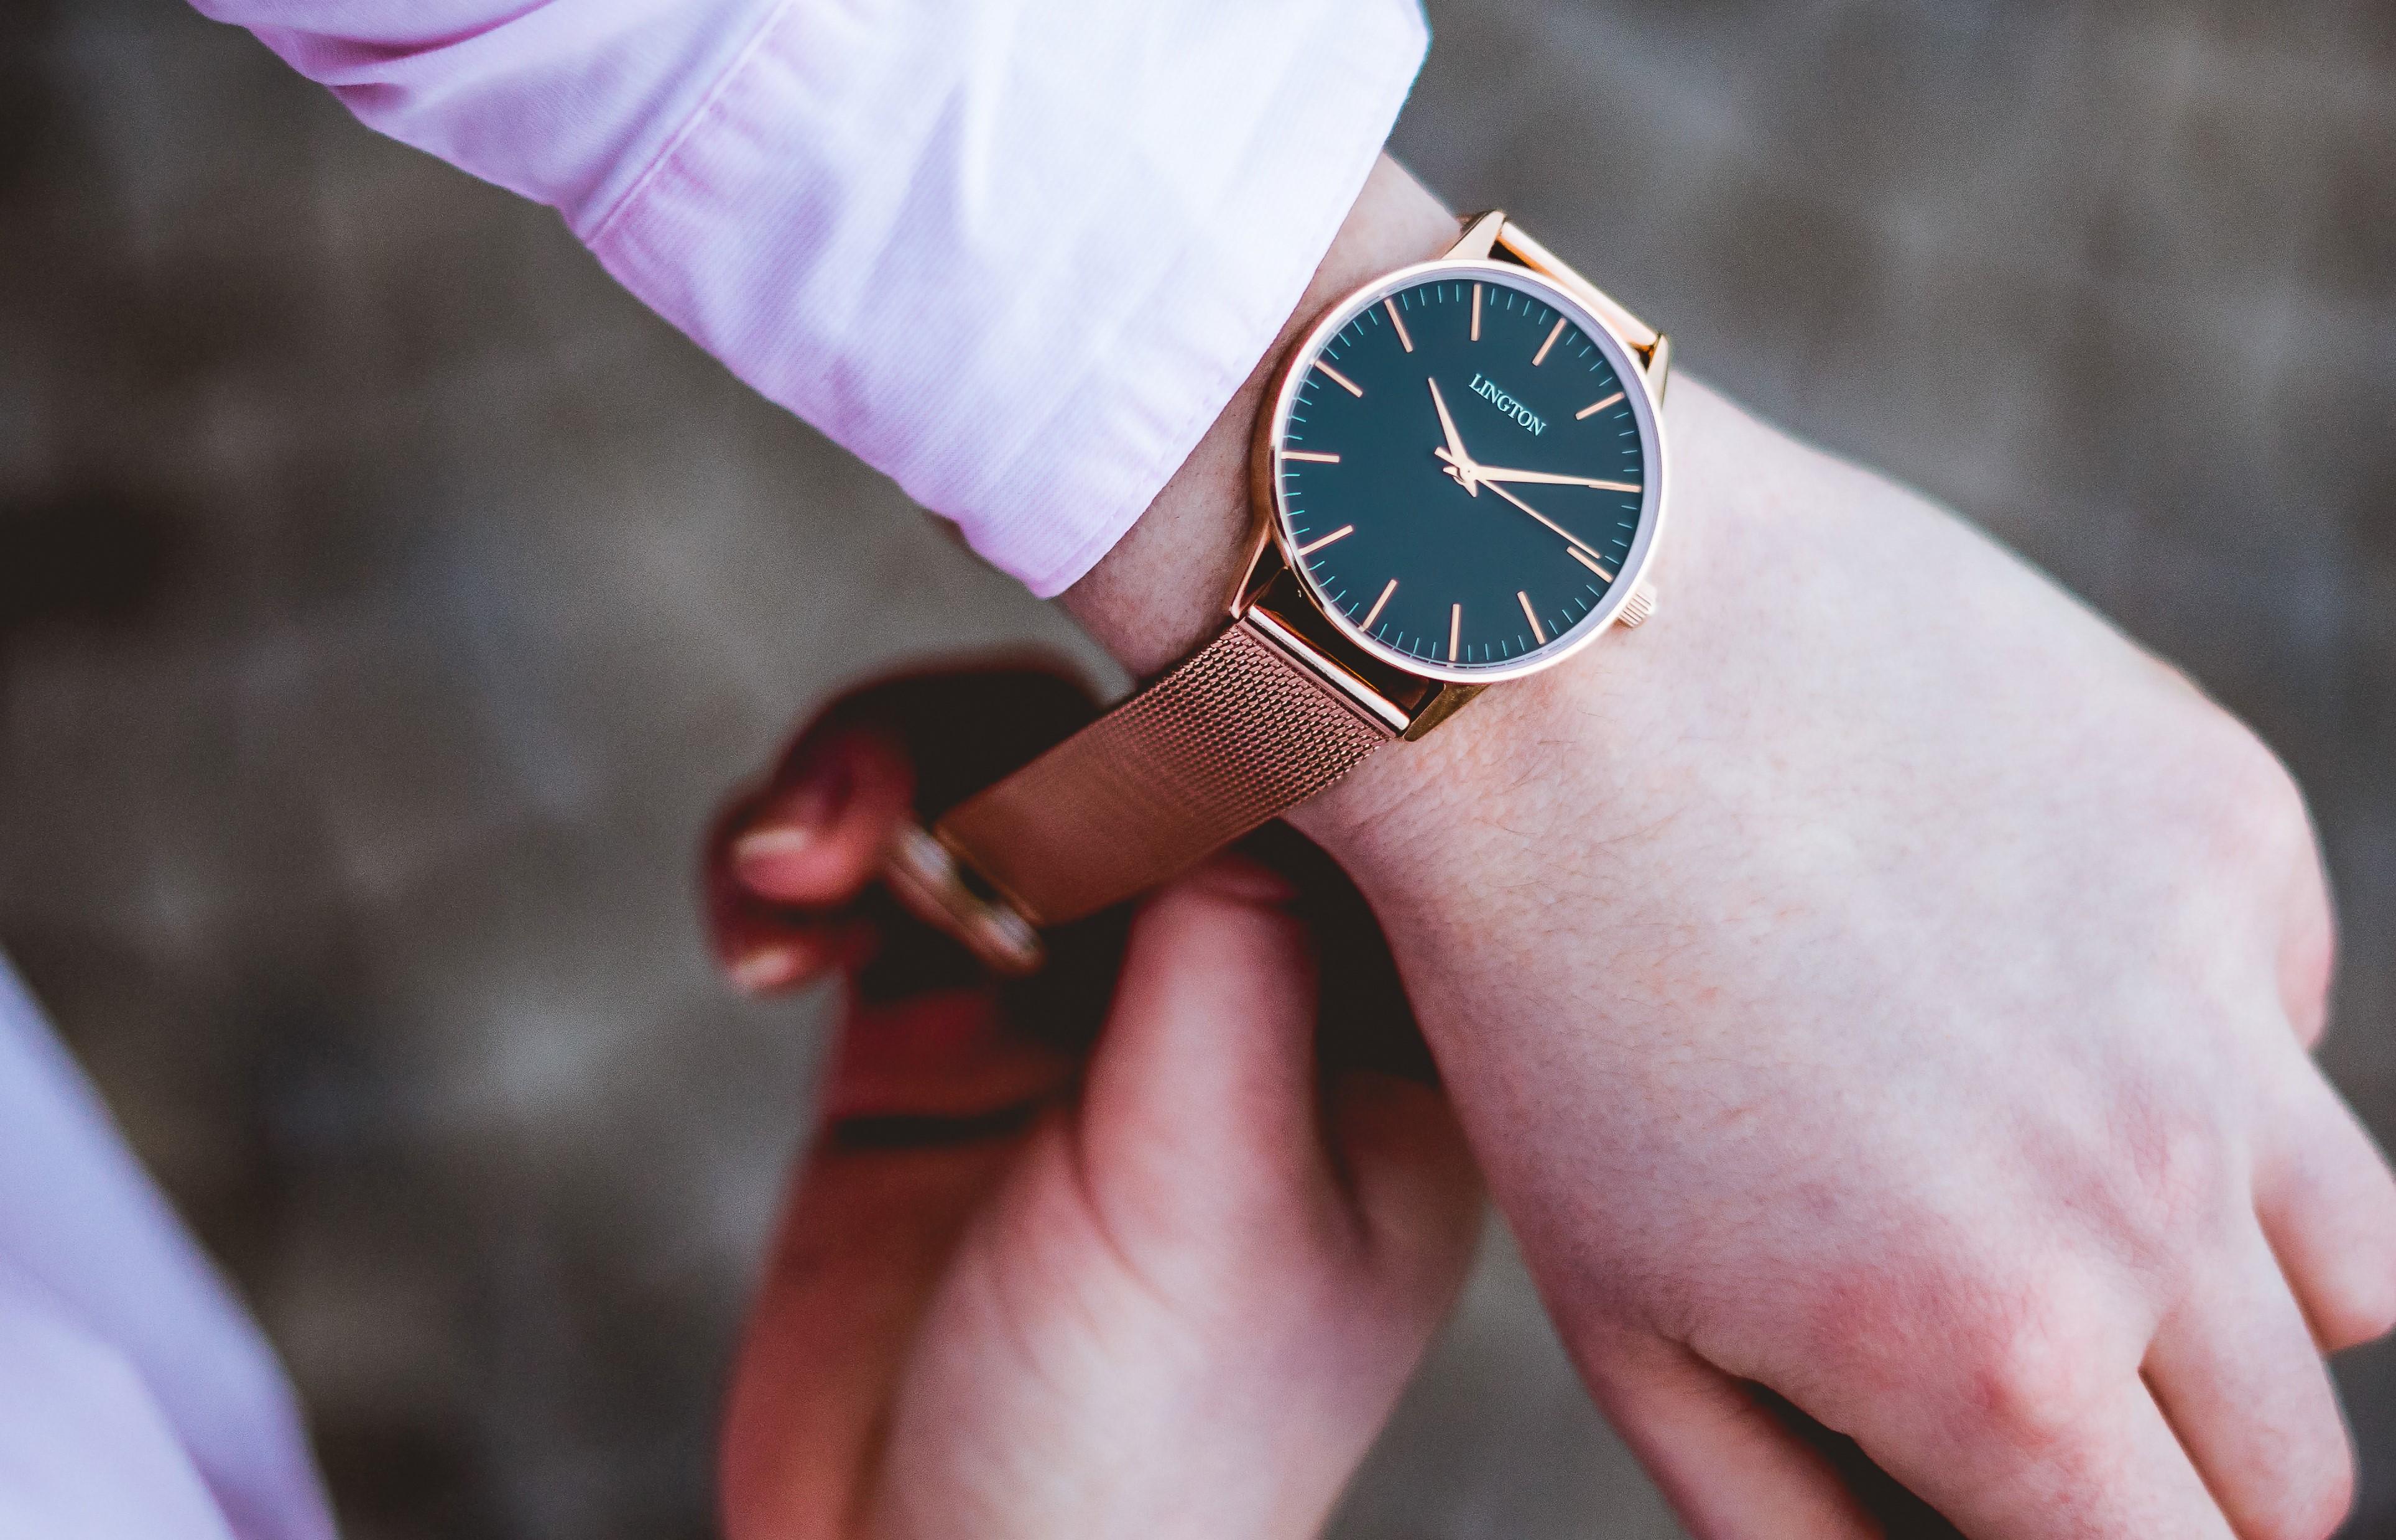 4 tipy, jak sladit hodinky se zbytkem outfitu